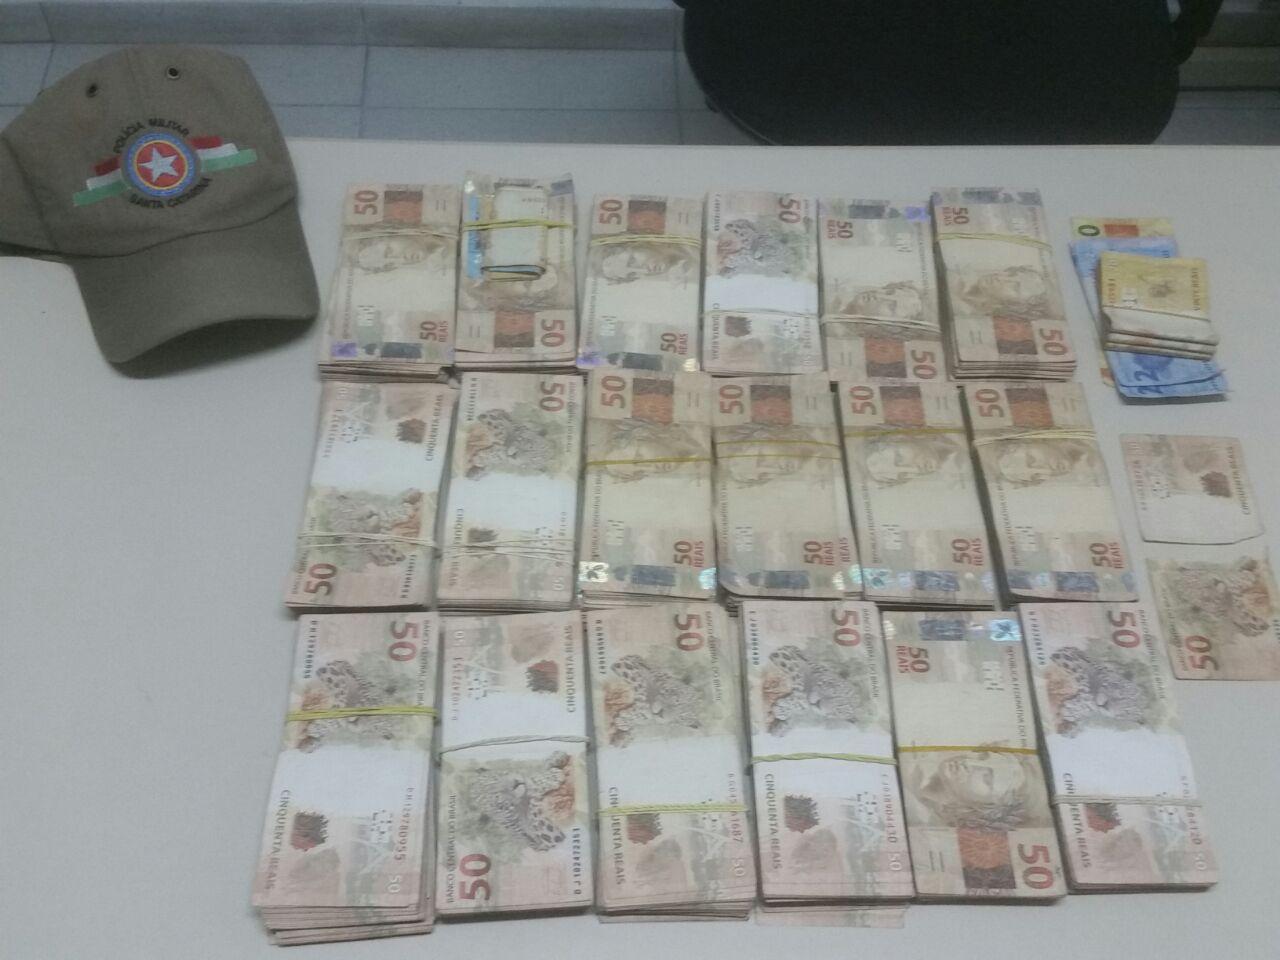 Perseguição policial termina com apreensão de R$ 90 mil no Norte da Ilha